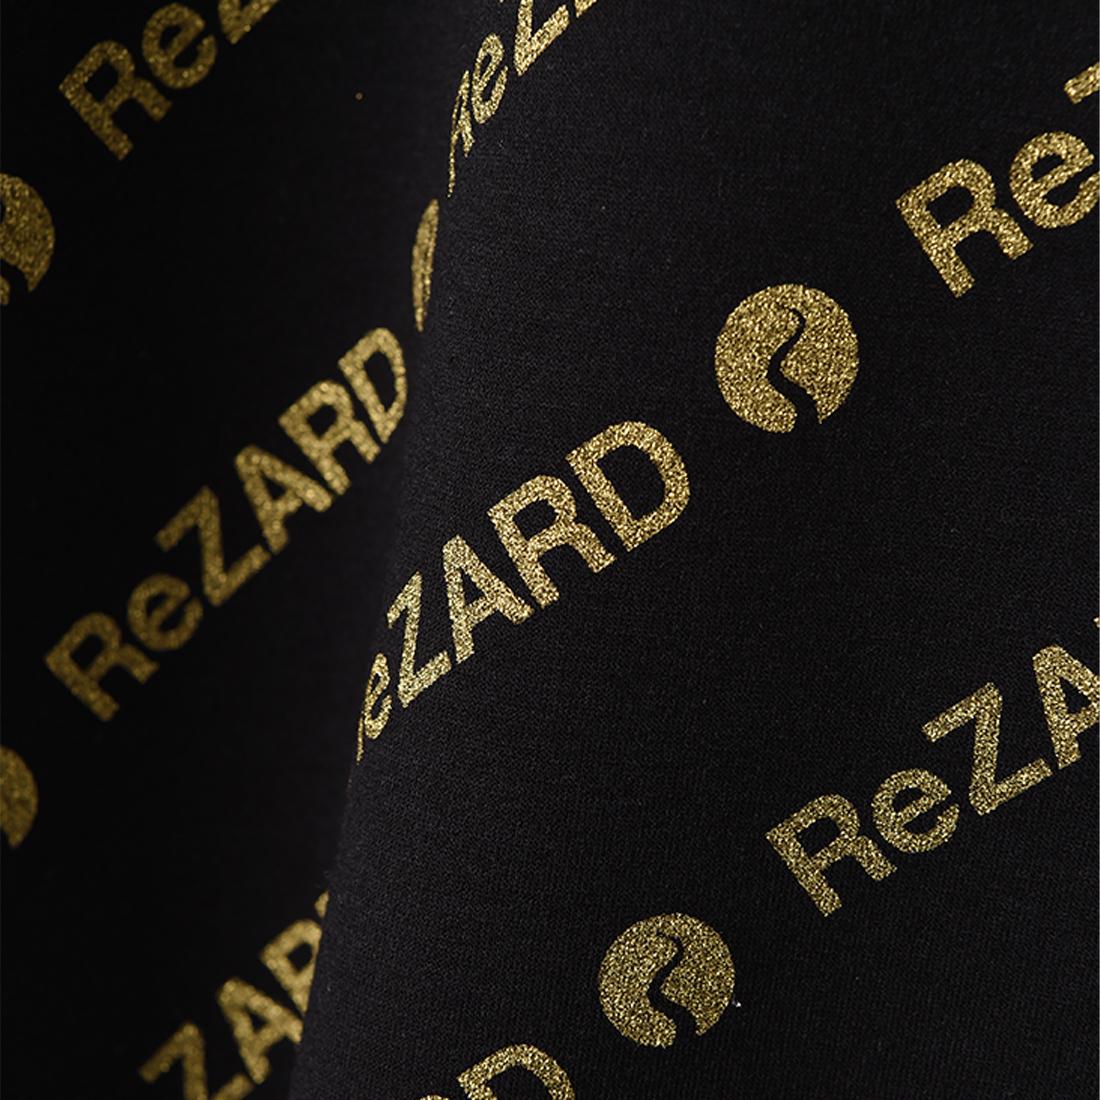 【ReZARD】Logo Printed Zip-up Hoodie